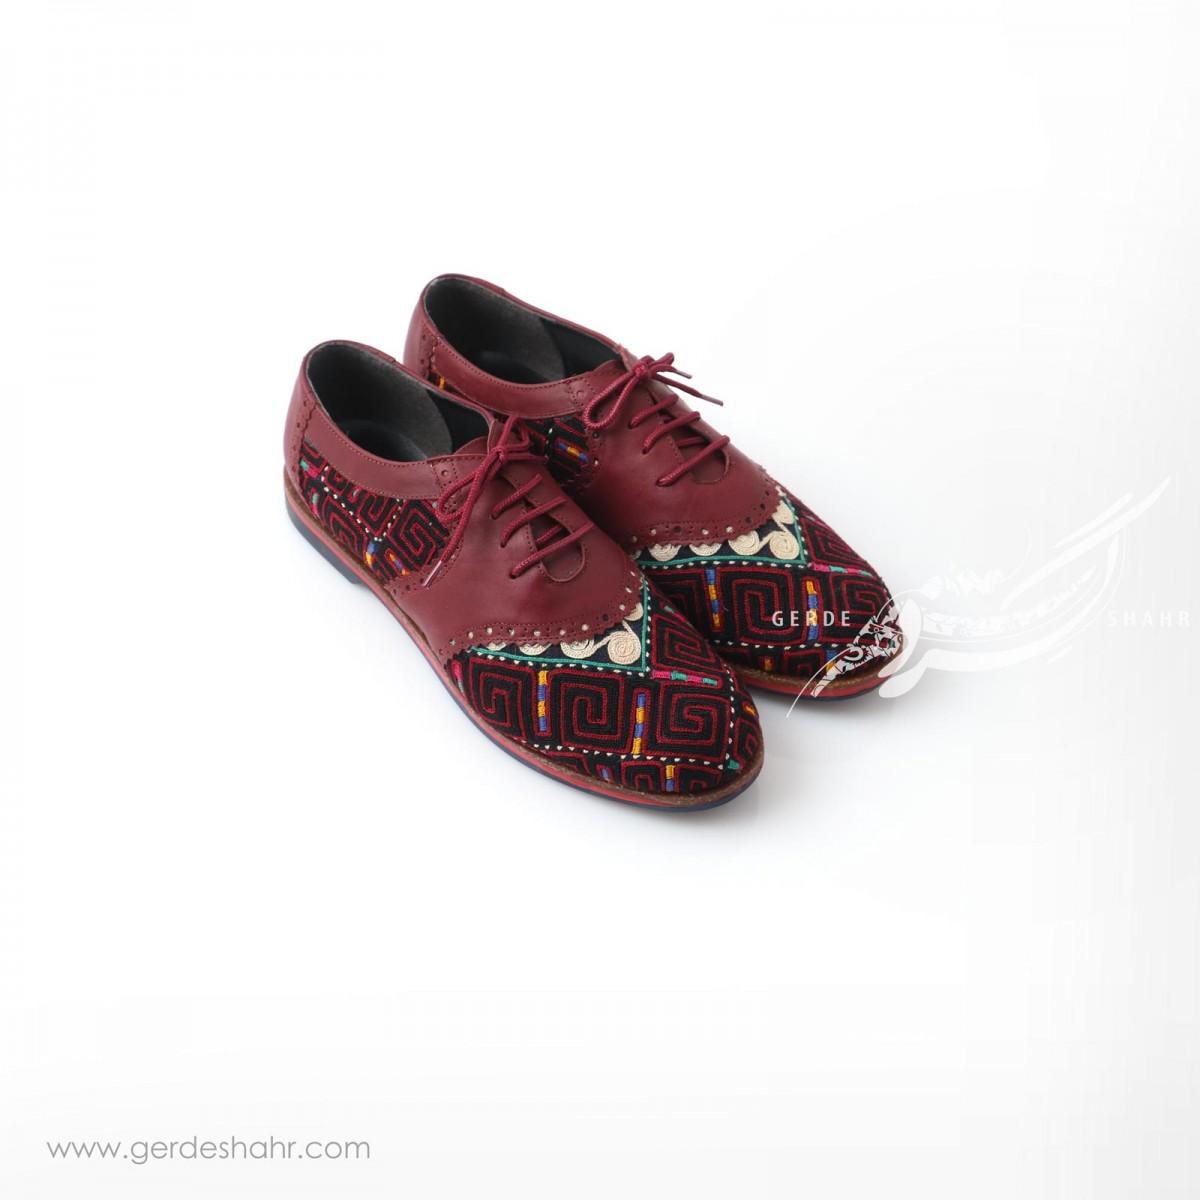 کفش دست دوز زرشکی سوزندوزی ترکمن سایز 40 چاوان گنجه رخت